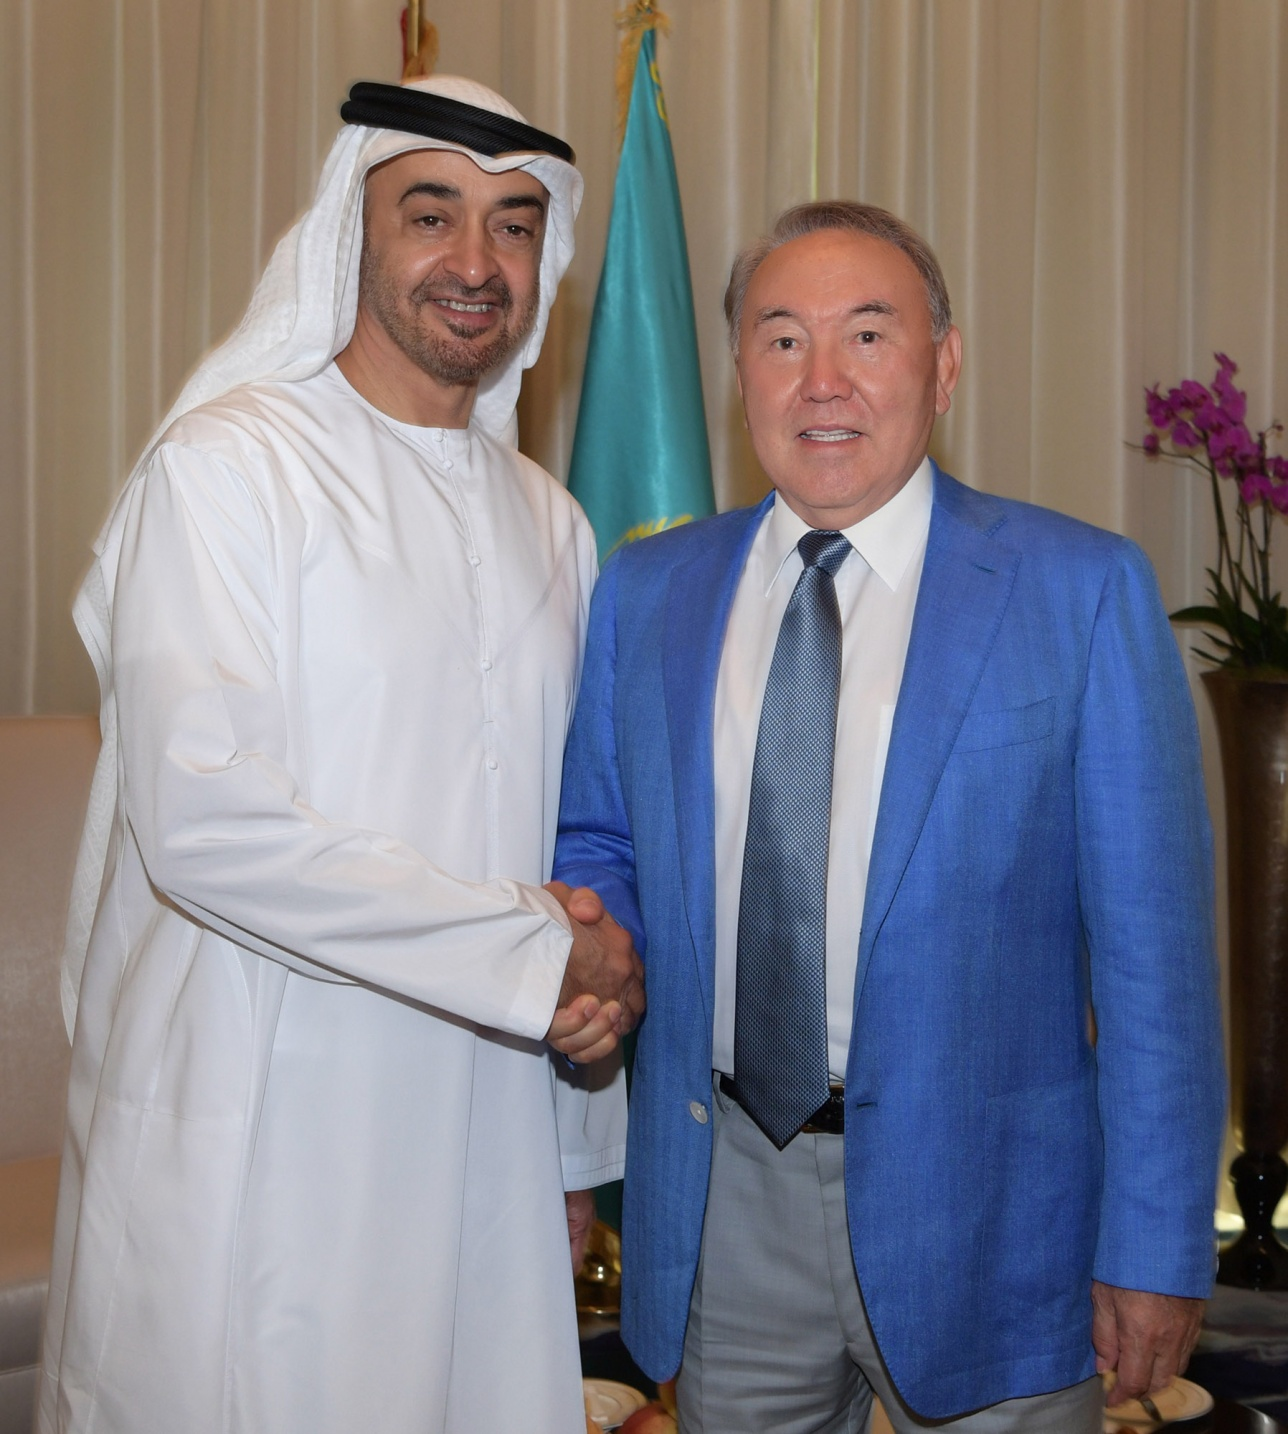 Встреча с Наследным принцем Абу Даби шейхом Мухаммедом бен Заид Аль Нахаяном